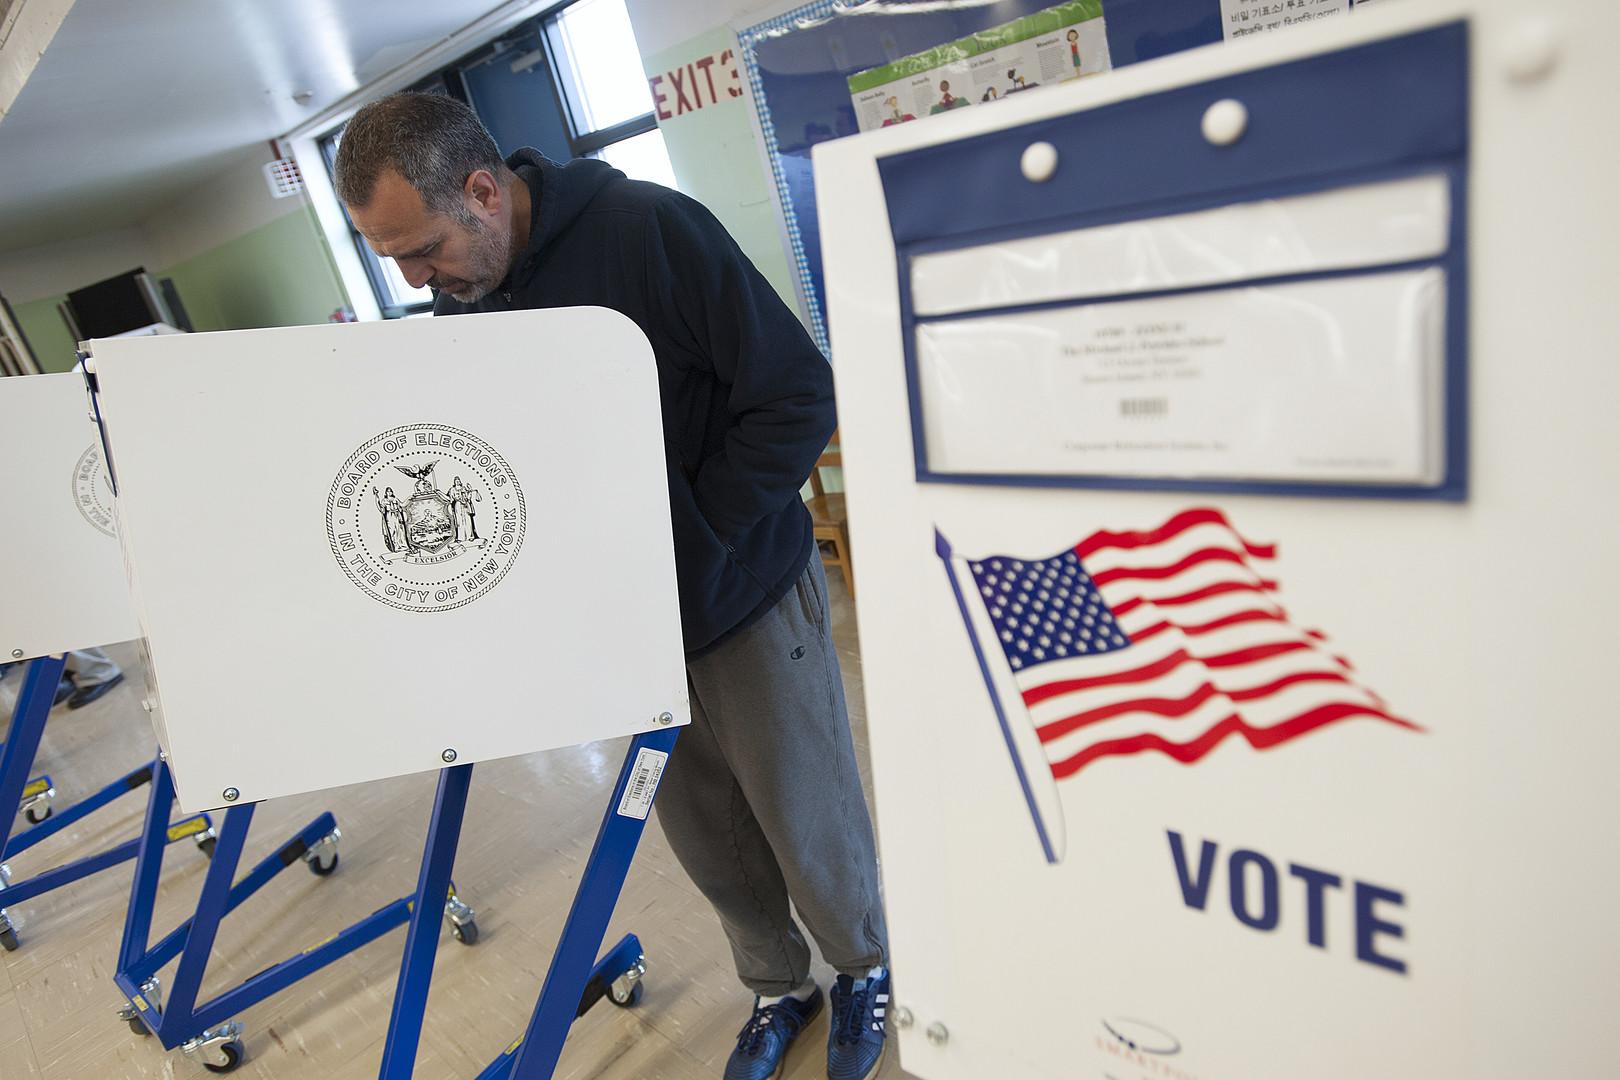 На выборы президента США пригласили российских наблюдателей